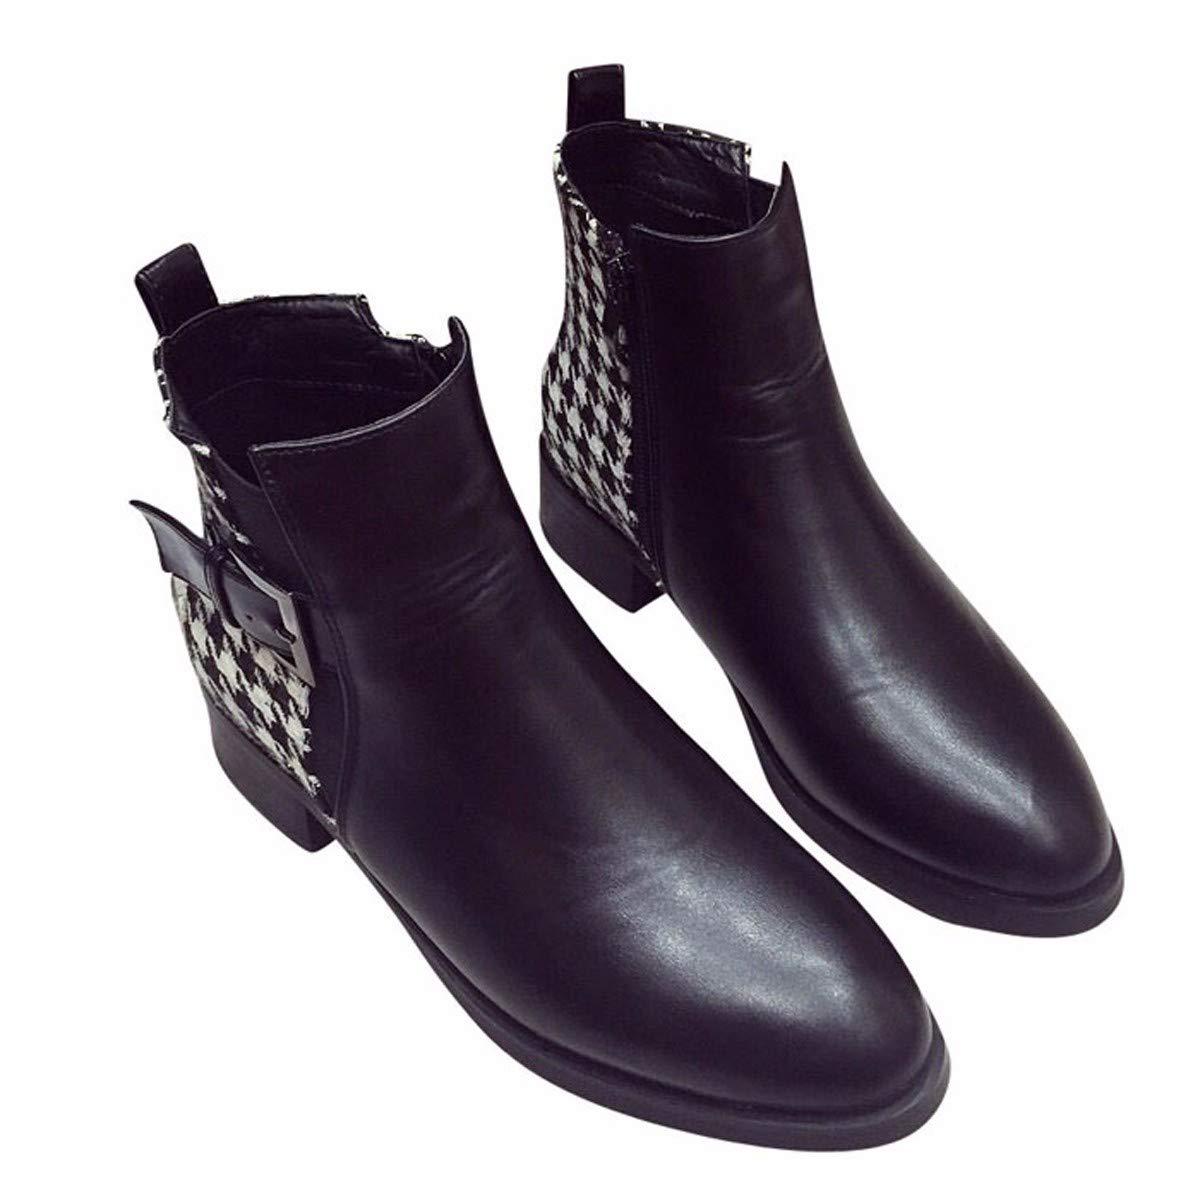 HBDLH Damenschuhe Dicke Martin Stiefel Heel 3Cm Schecks Farbabstimmung Dicke Damenschuhe Schuhe Low Heels Stiefel 8ed8f0